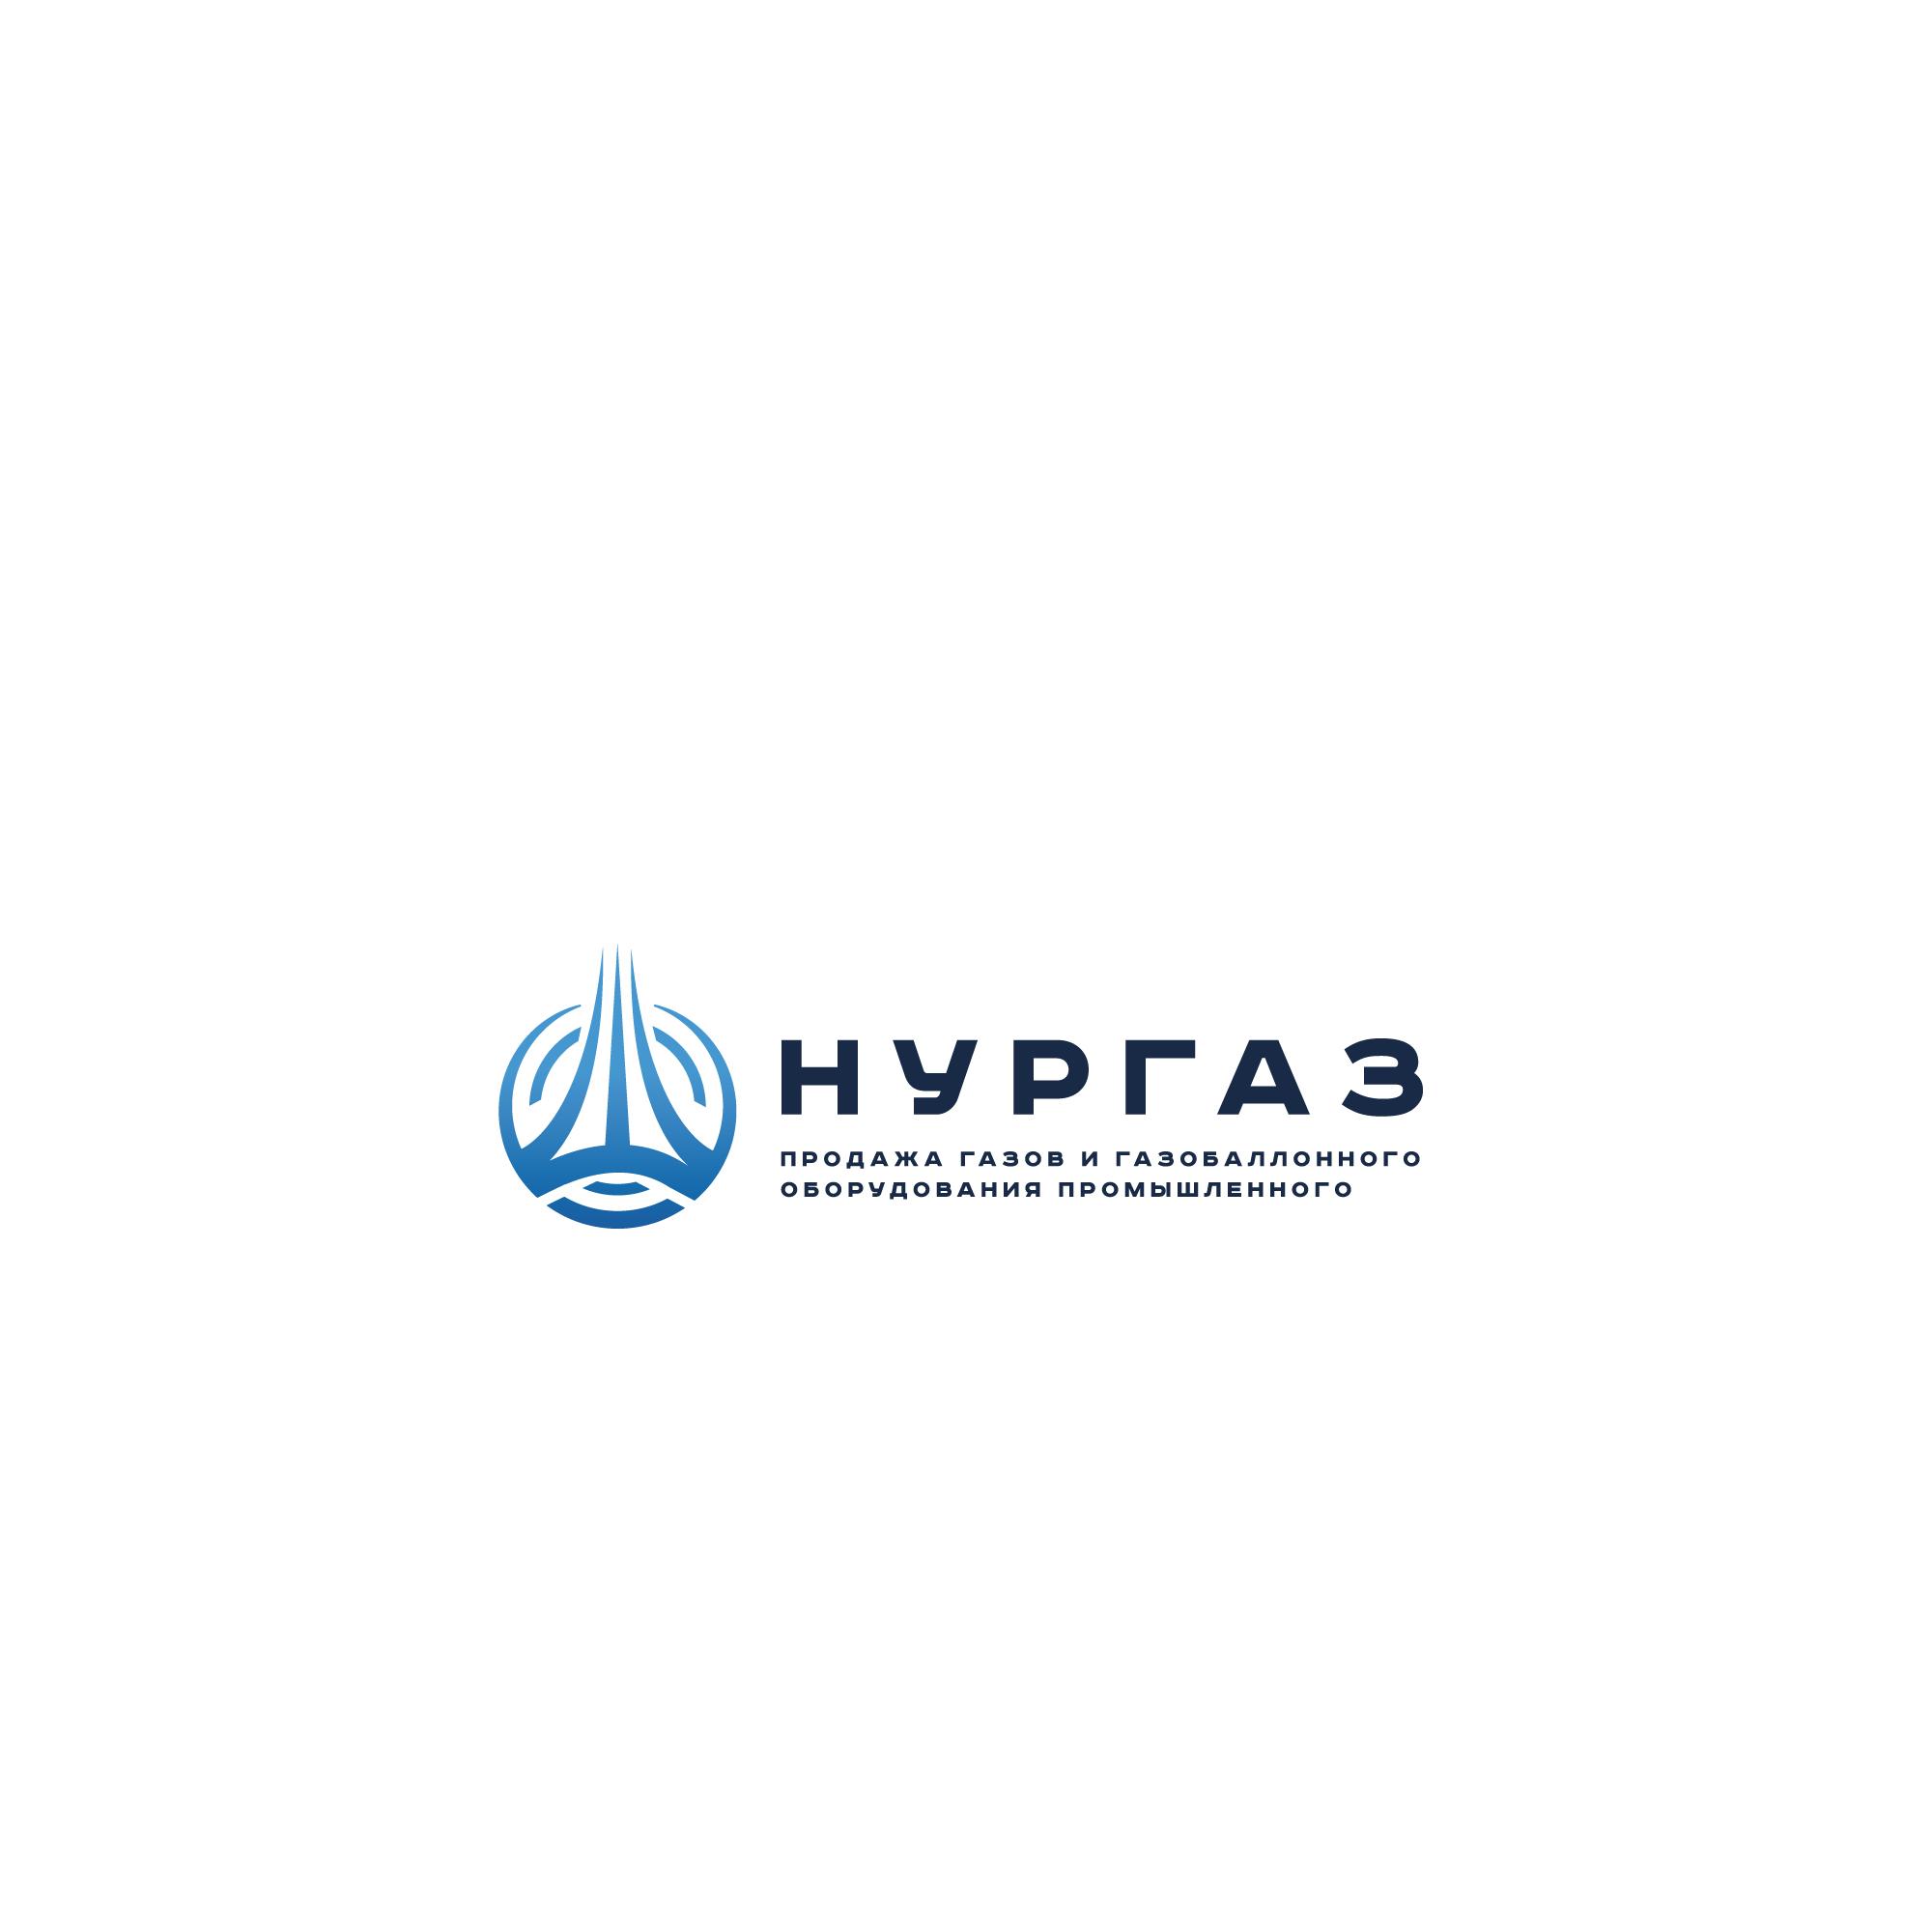 Разработка логотипа и фирменного стиля фото f_0435da5b3e68d13b.jpg